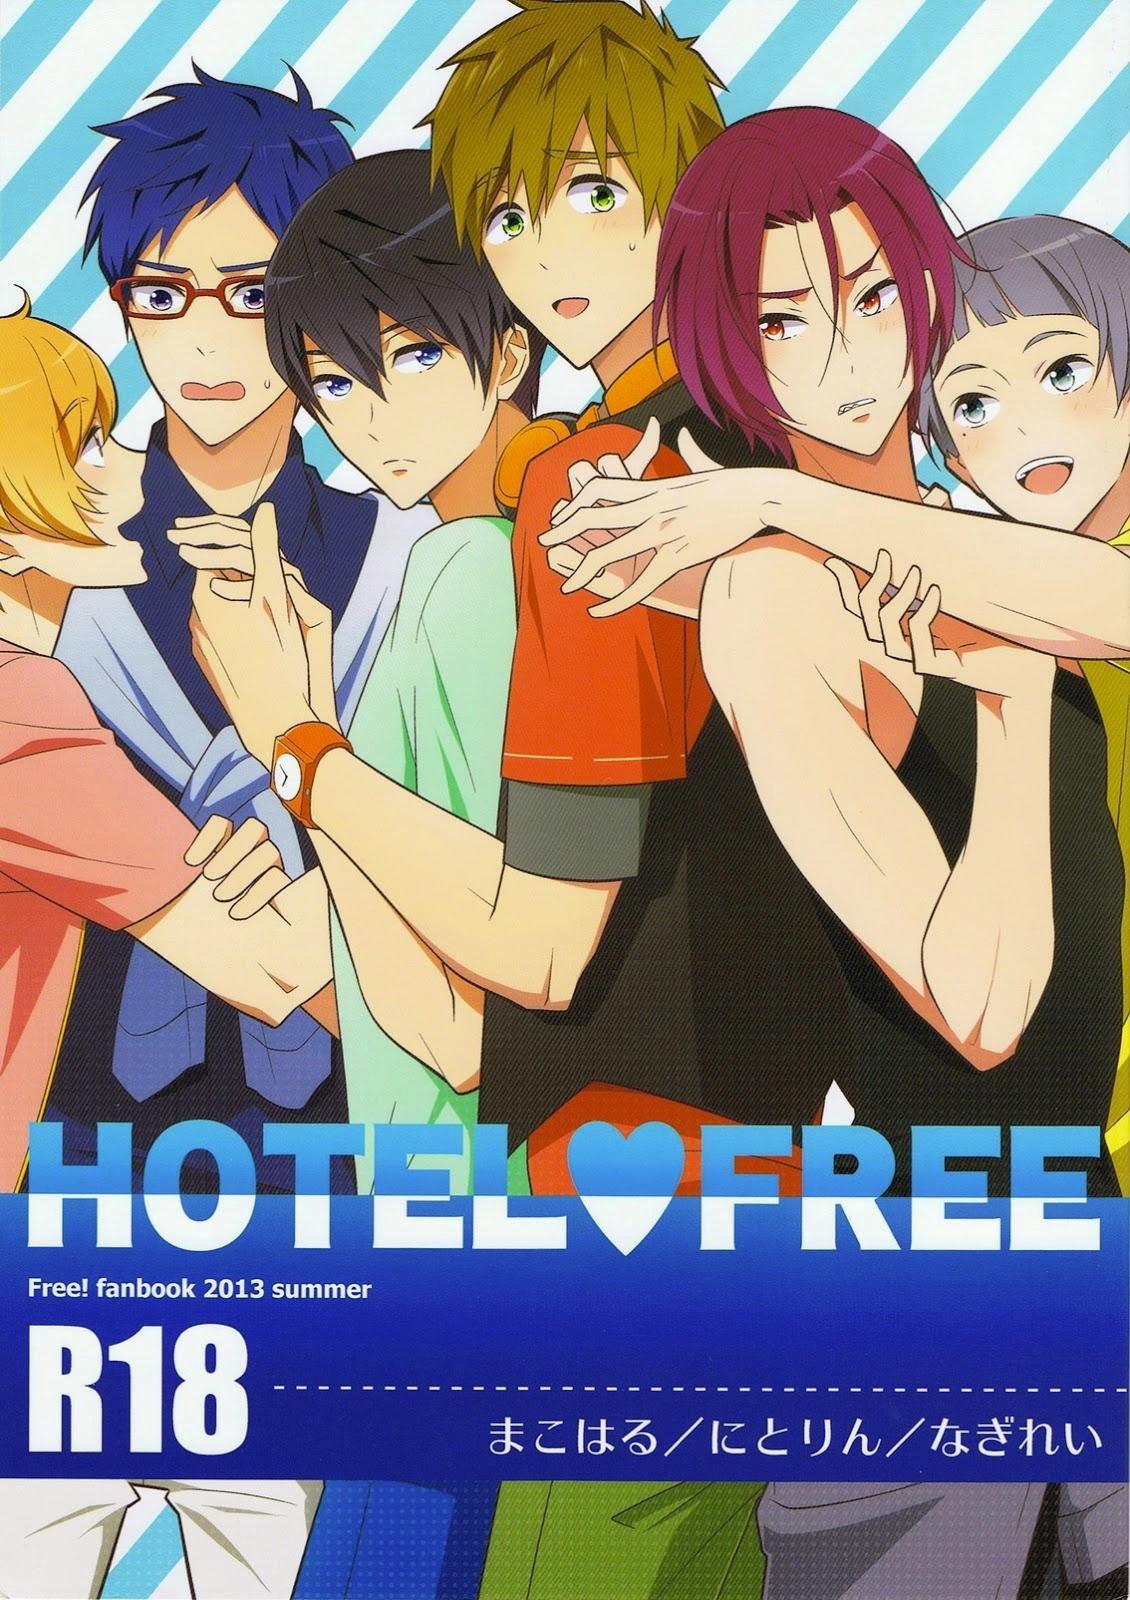 【Free!ボーイズラブ漫画】オールキャラ総出演「HOTEL FREE」※18禁【BLエロ同人誌】